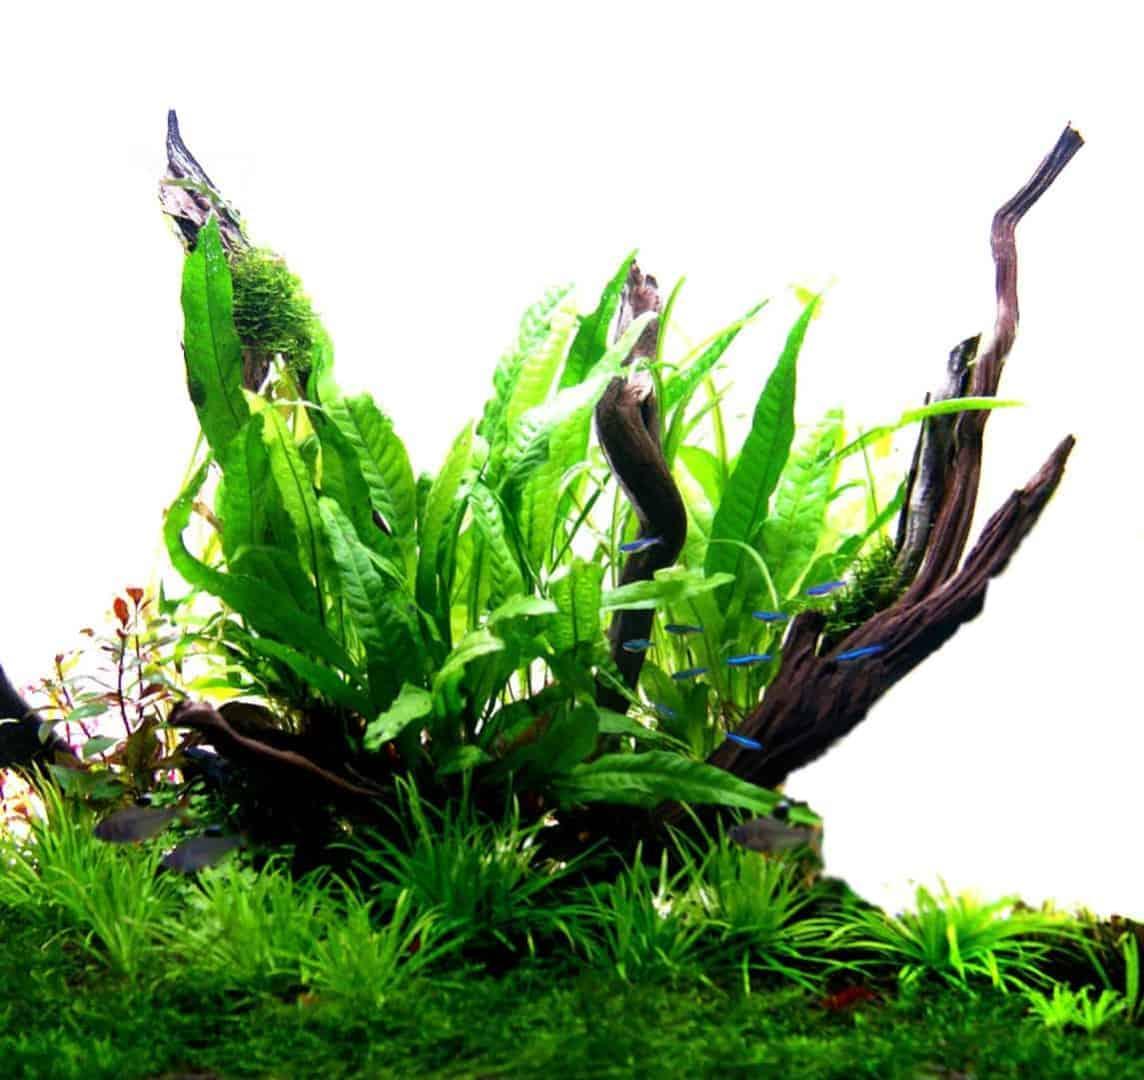 Podcast Episode #144: Einfache Pflanzen für ein Einsteigeraquarium 5